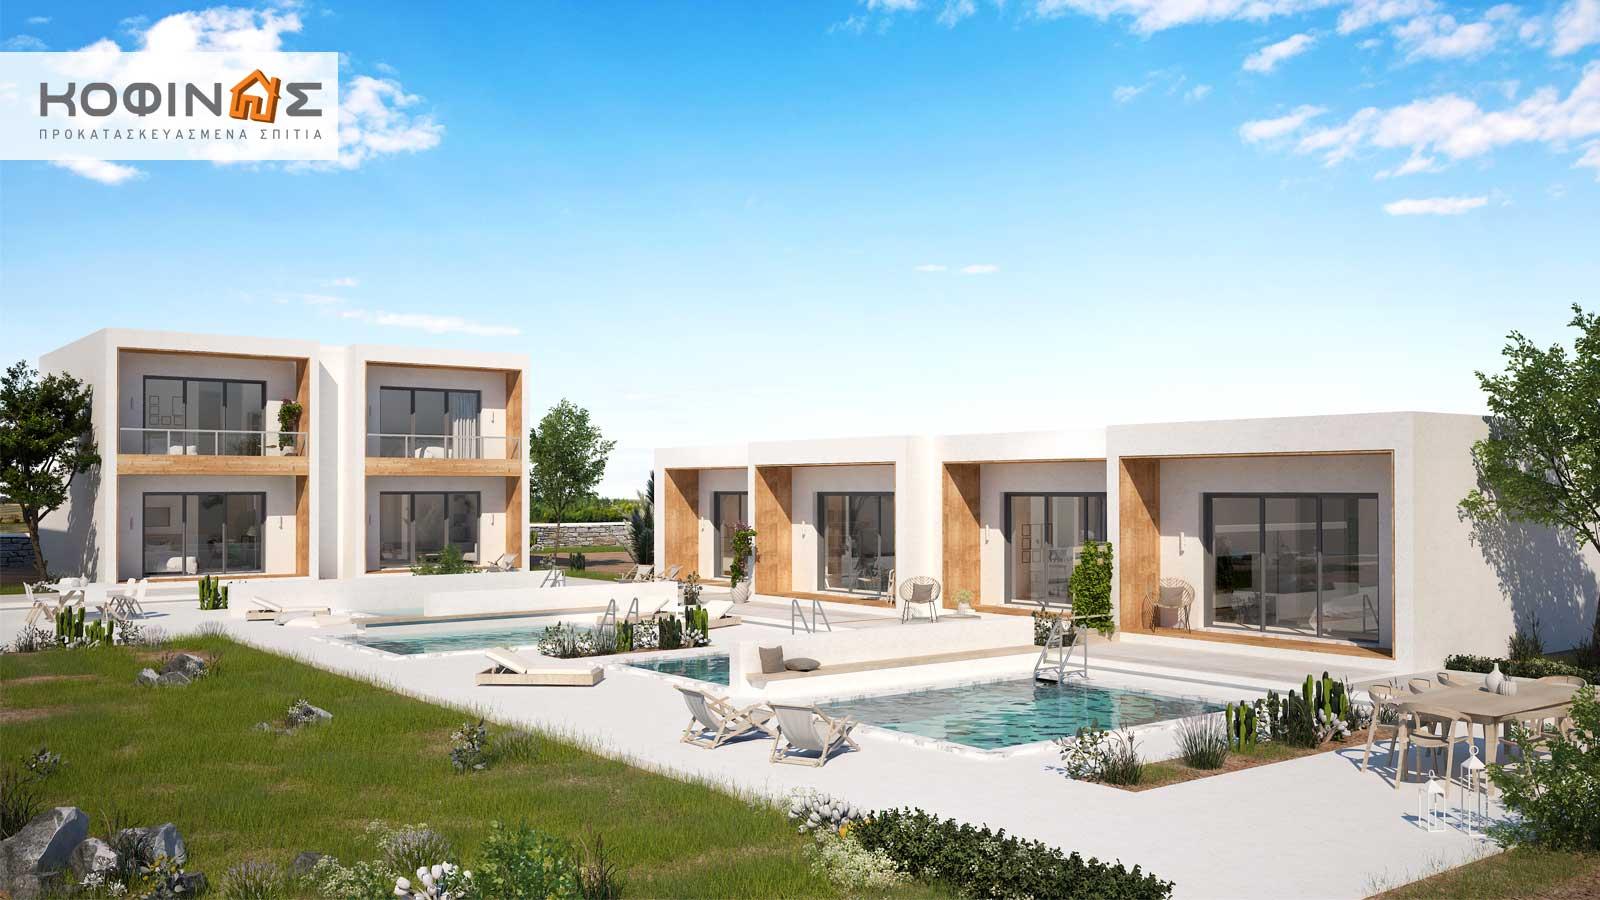 Συγκρότημα Κατοικιών E-40b, συνολικής επιφάνειας οικιών 8×40,04 & κλιμακοστασίων 4×7,70 = 351,12 τ.μ.